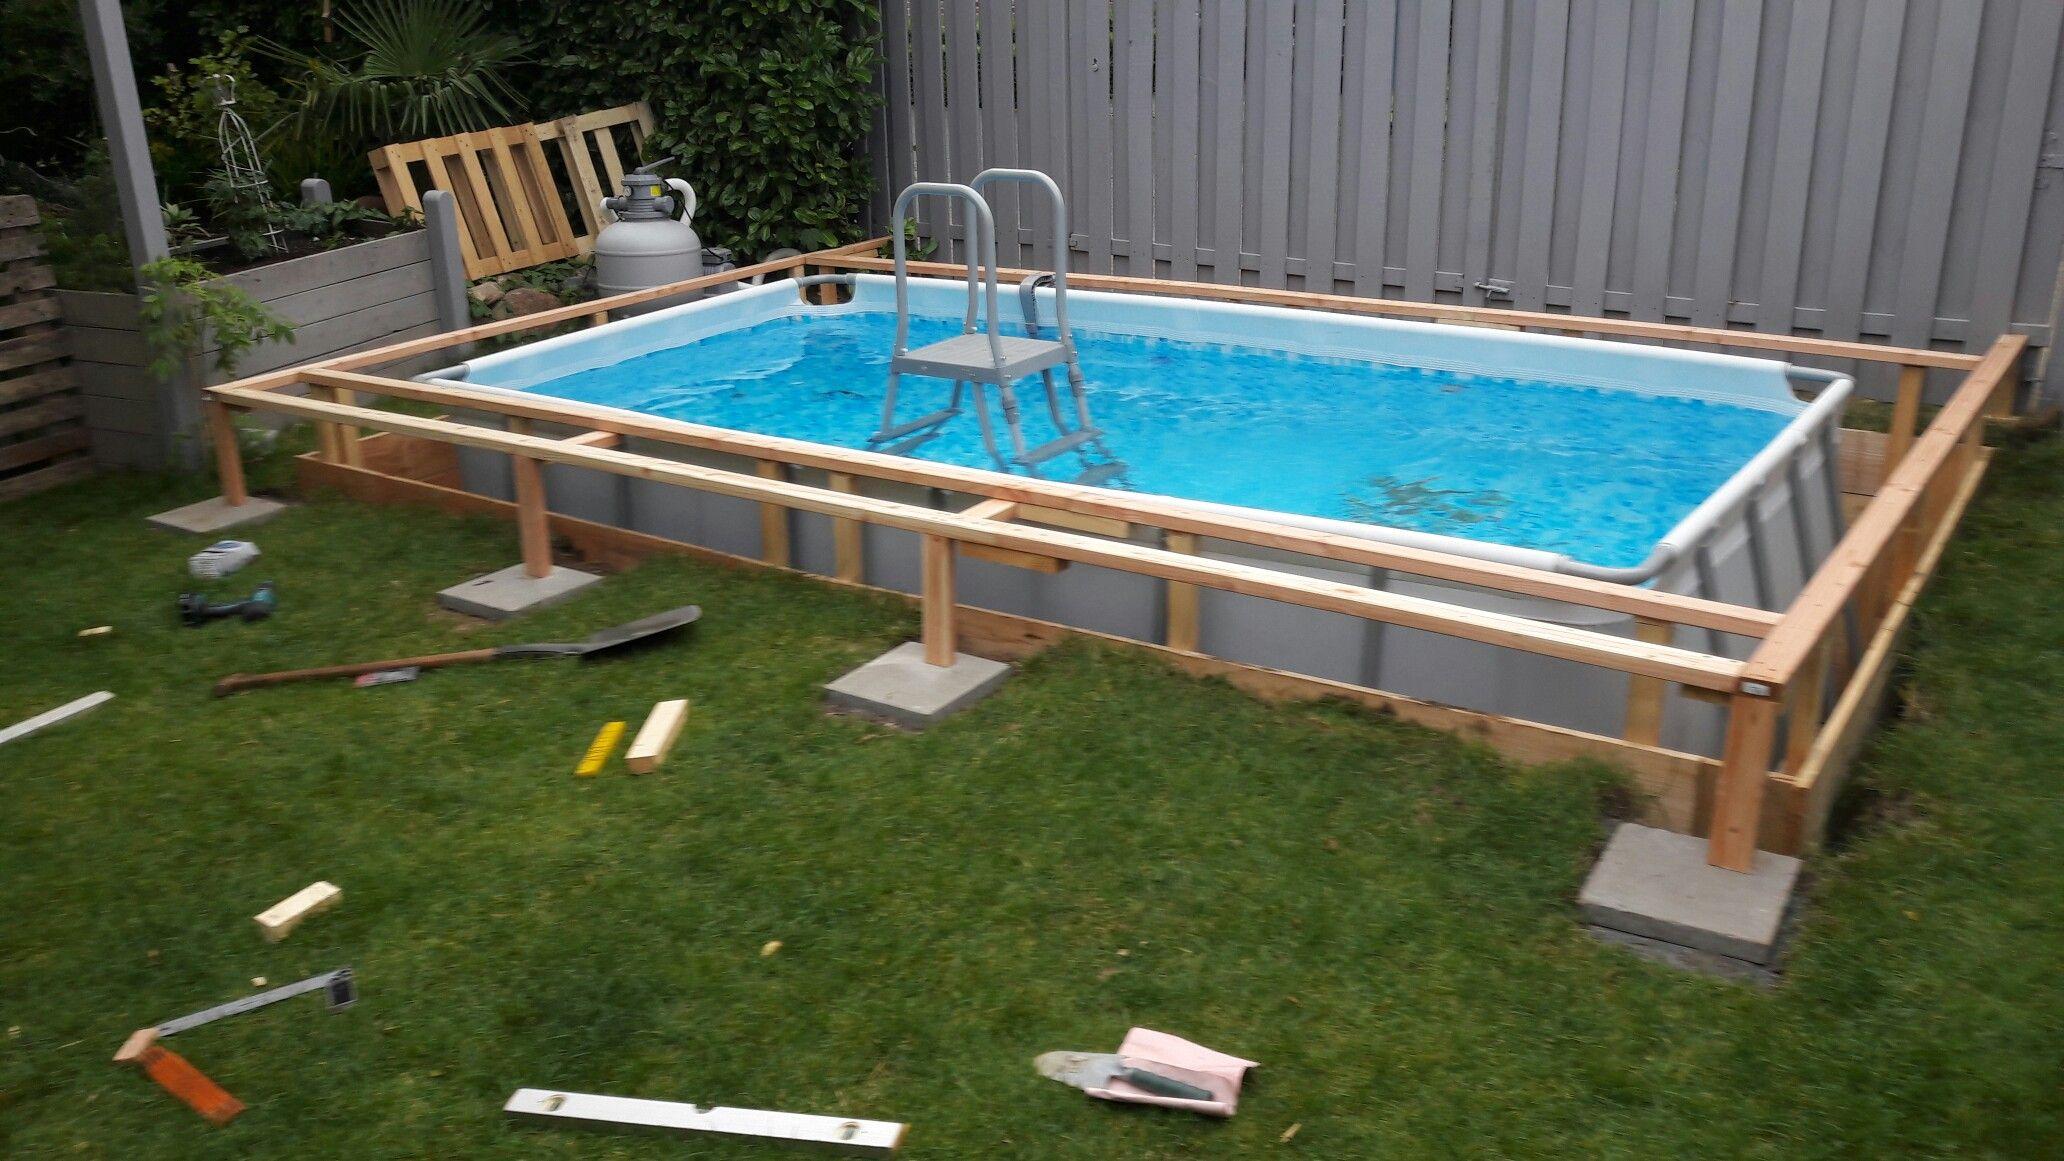 Full Size of Gartenpool Rechteckig Mit Sandfilteranlage Bestway Intex Holz 3m Garten Pool Kaufen Obi Pumpe Pin Auf Diy Wohnzimmer Gartenpool Rechteckig